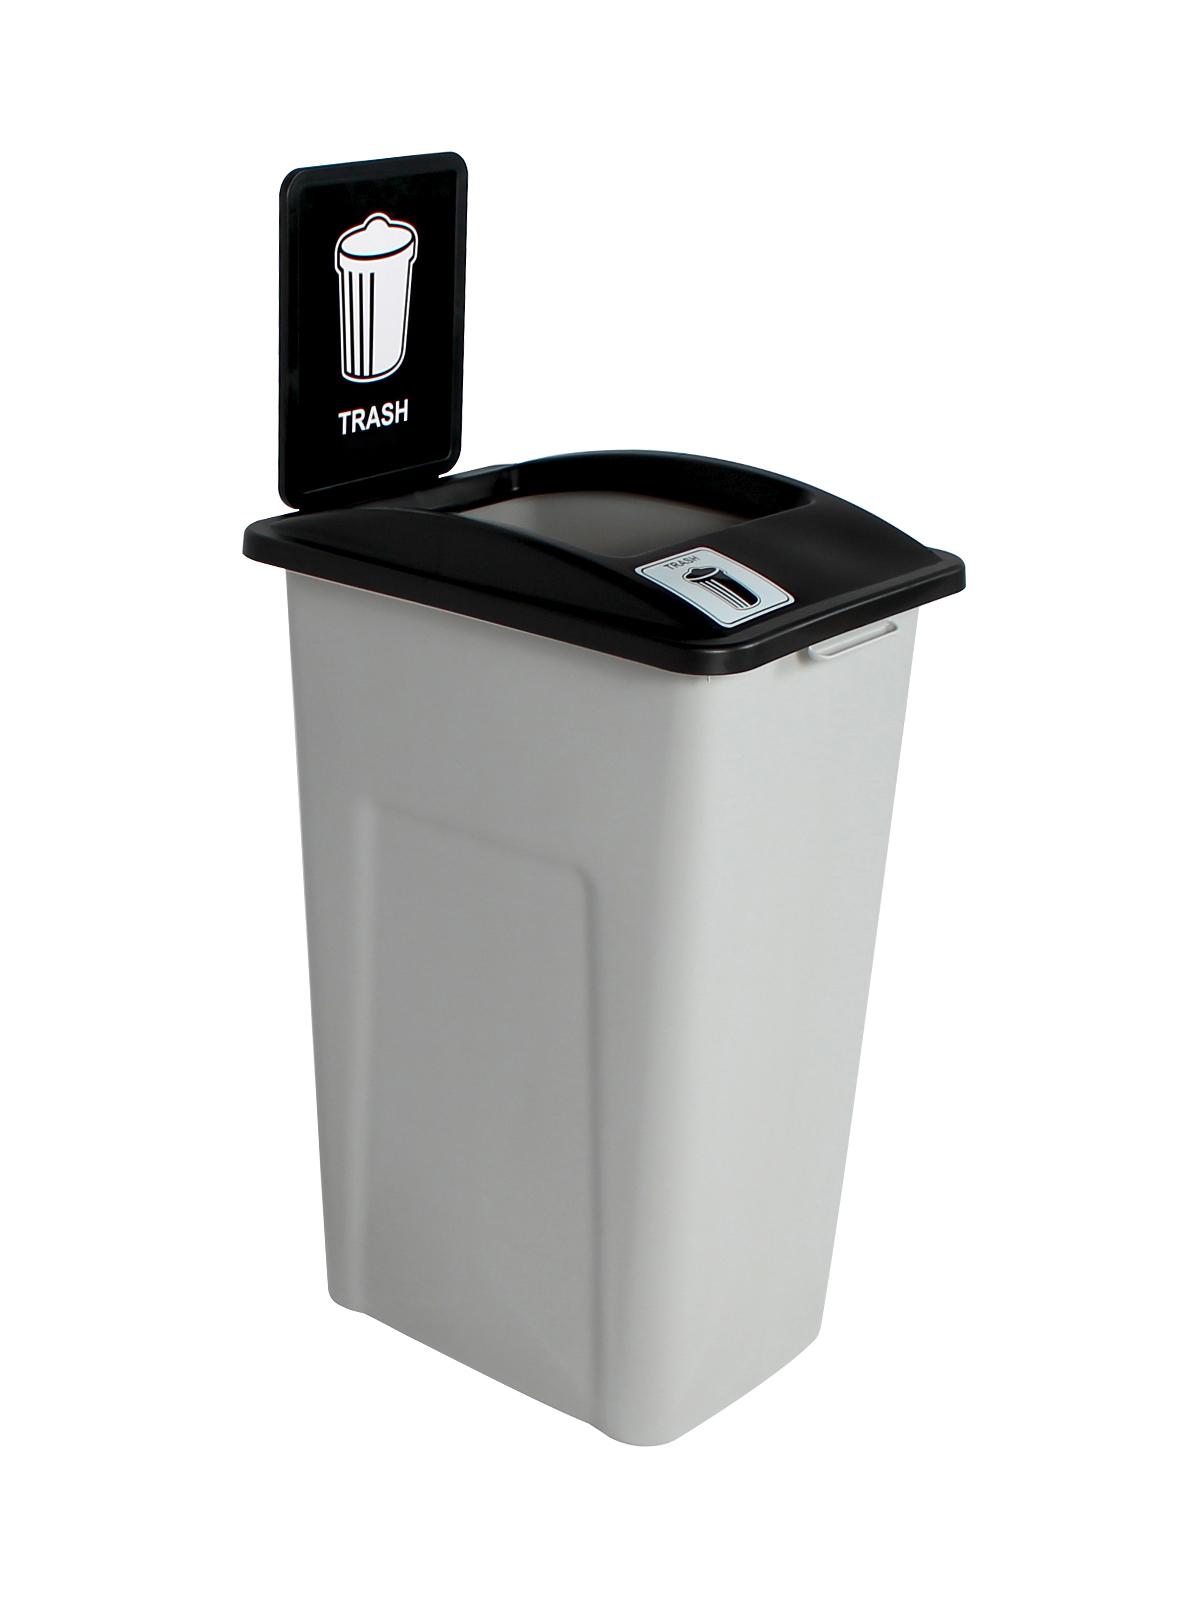 WASTE WATCHER XL - Single - Trash - Full - Grey-Black